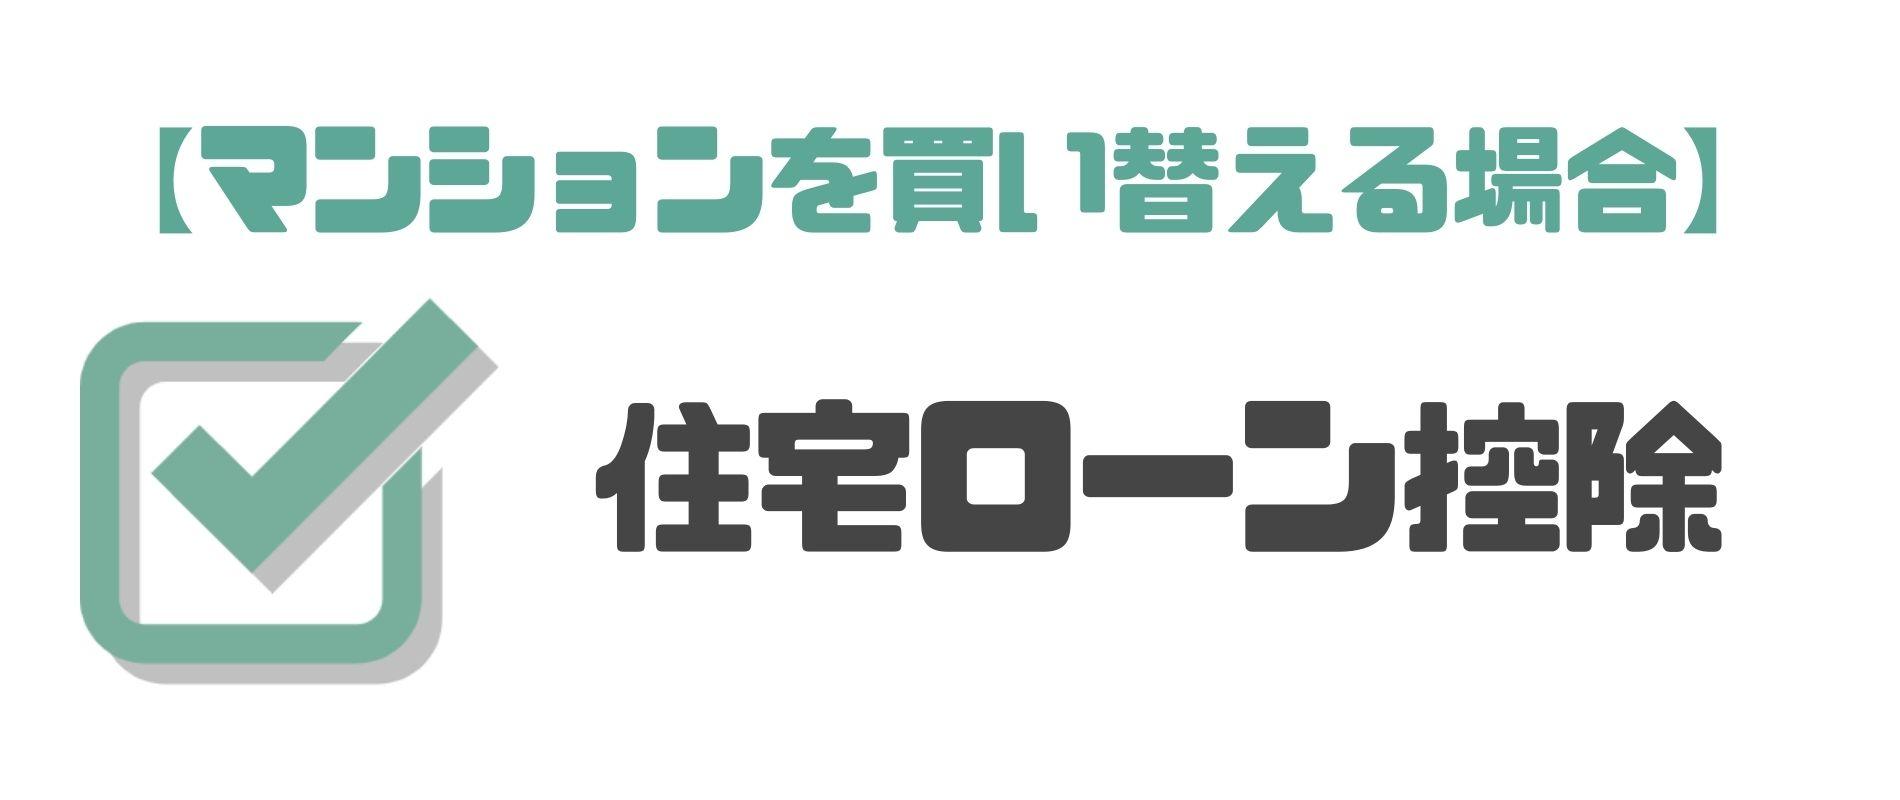 マンション_売却_税金_住宅ローン控除